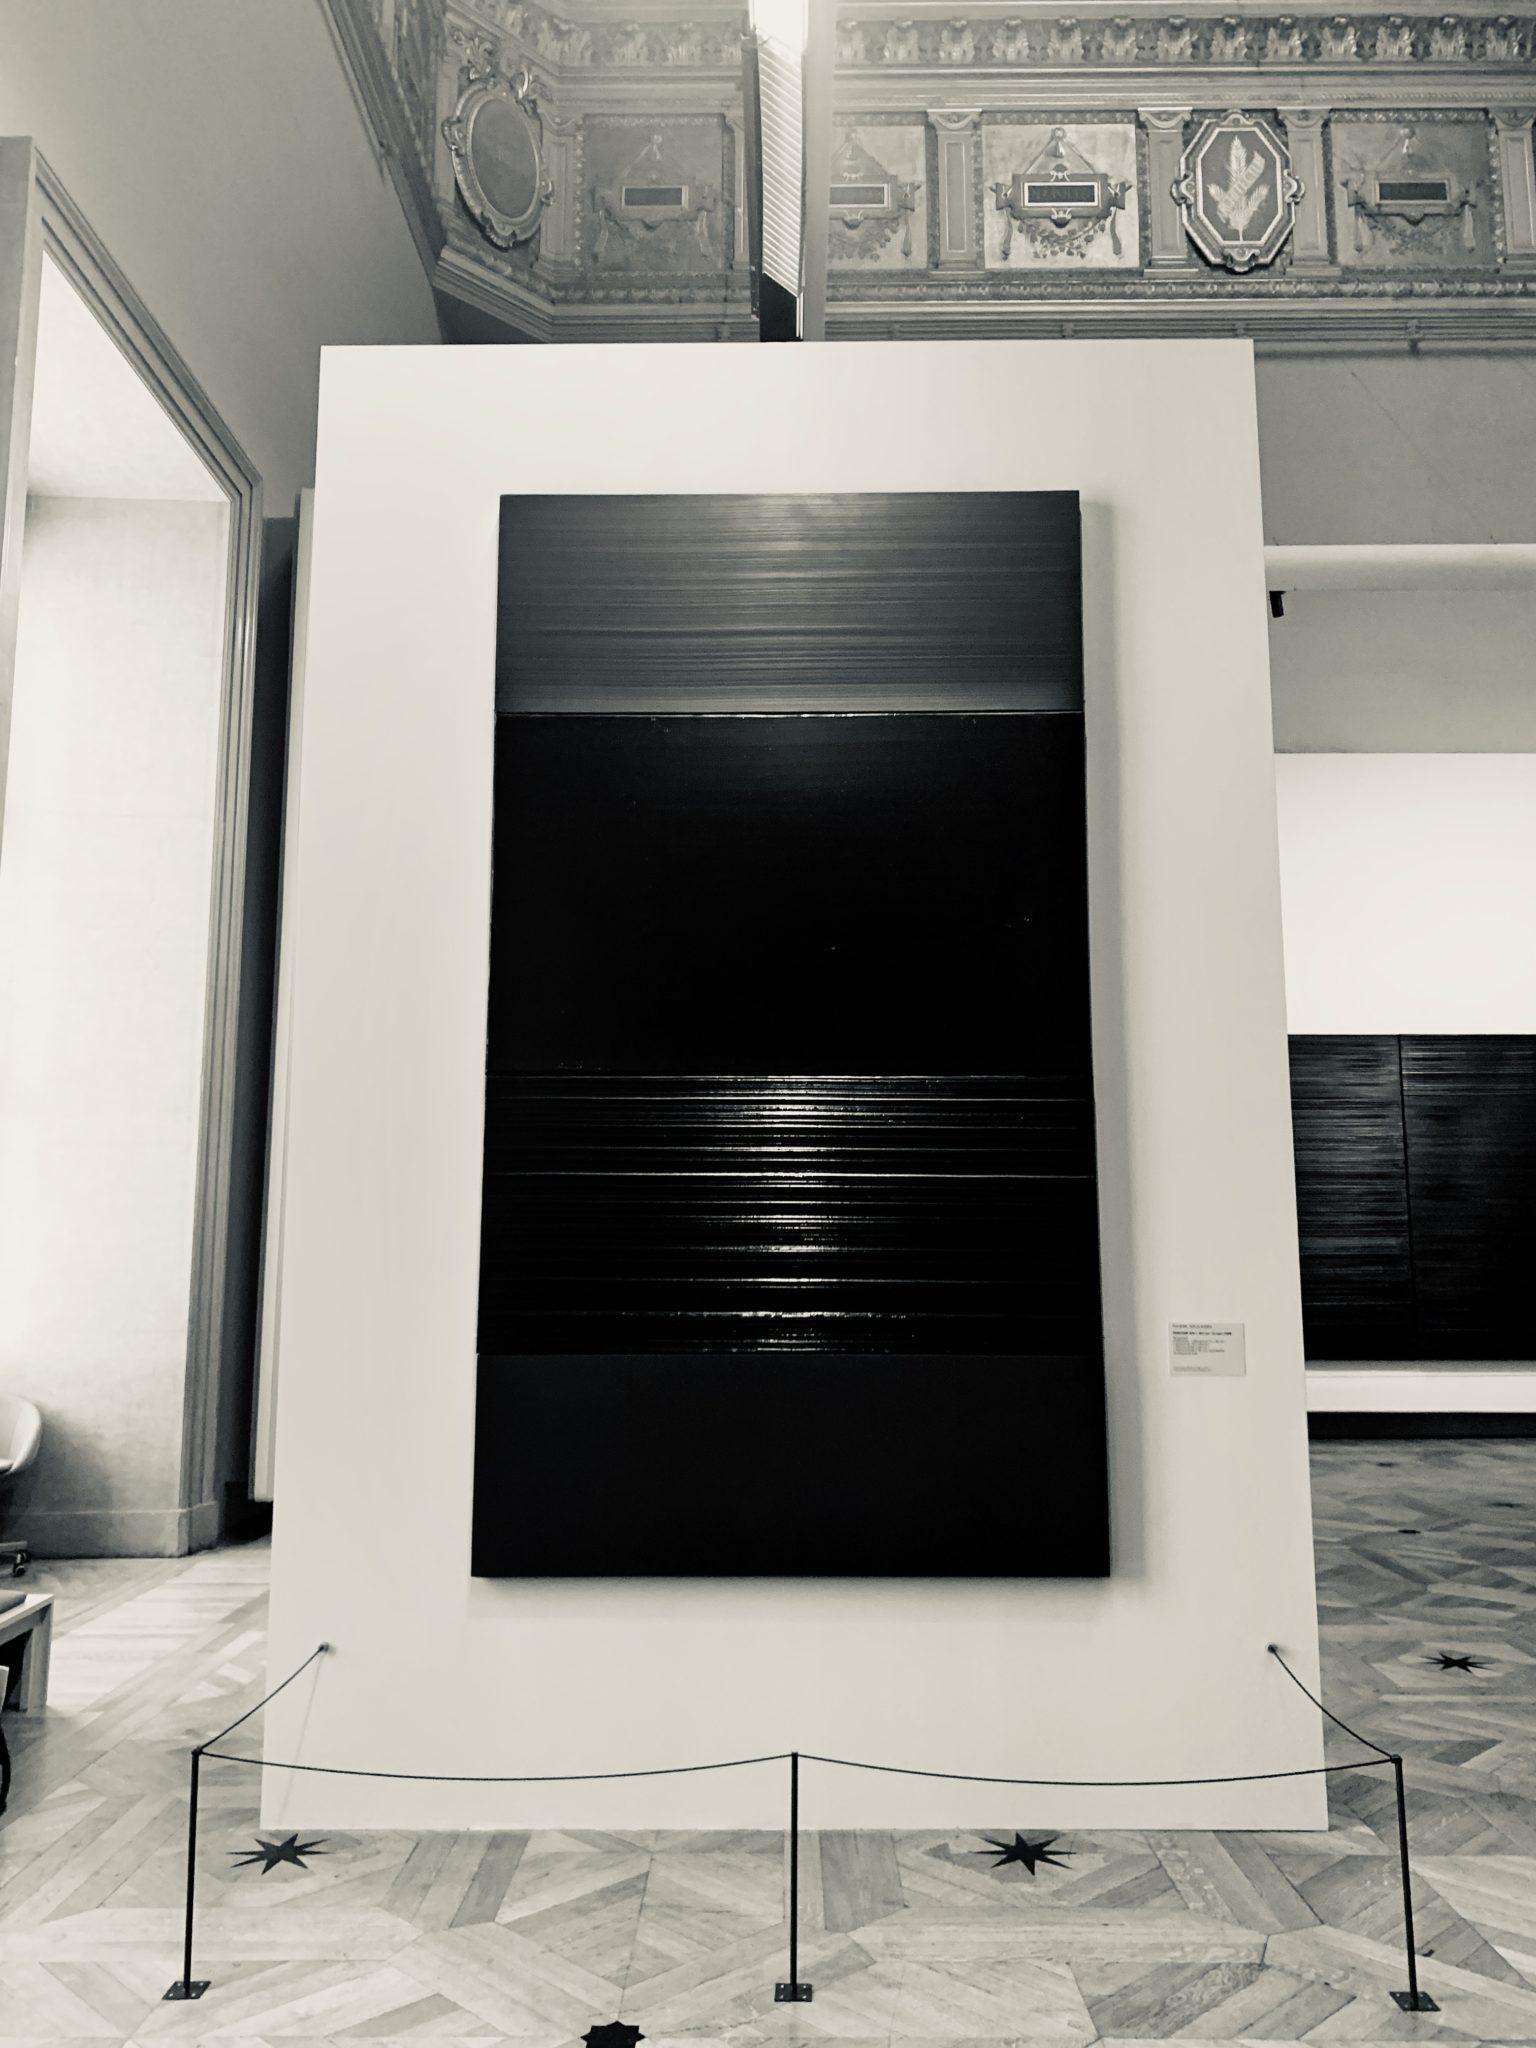 Exposition Soulages au Louvre 2019, Photographie de l'exposition courtesy Artvisions